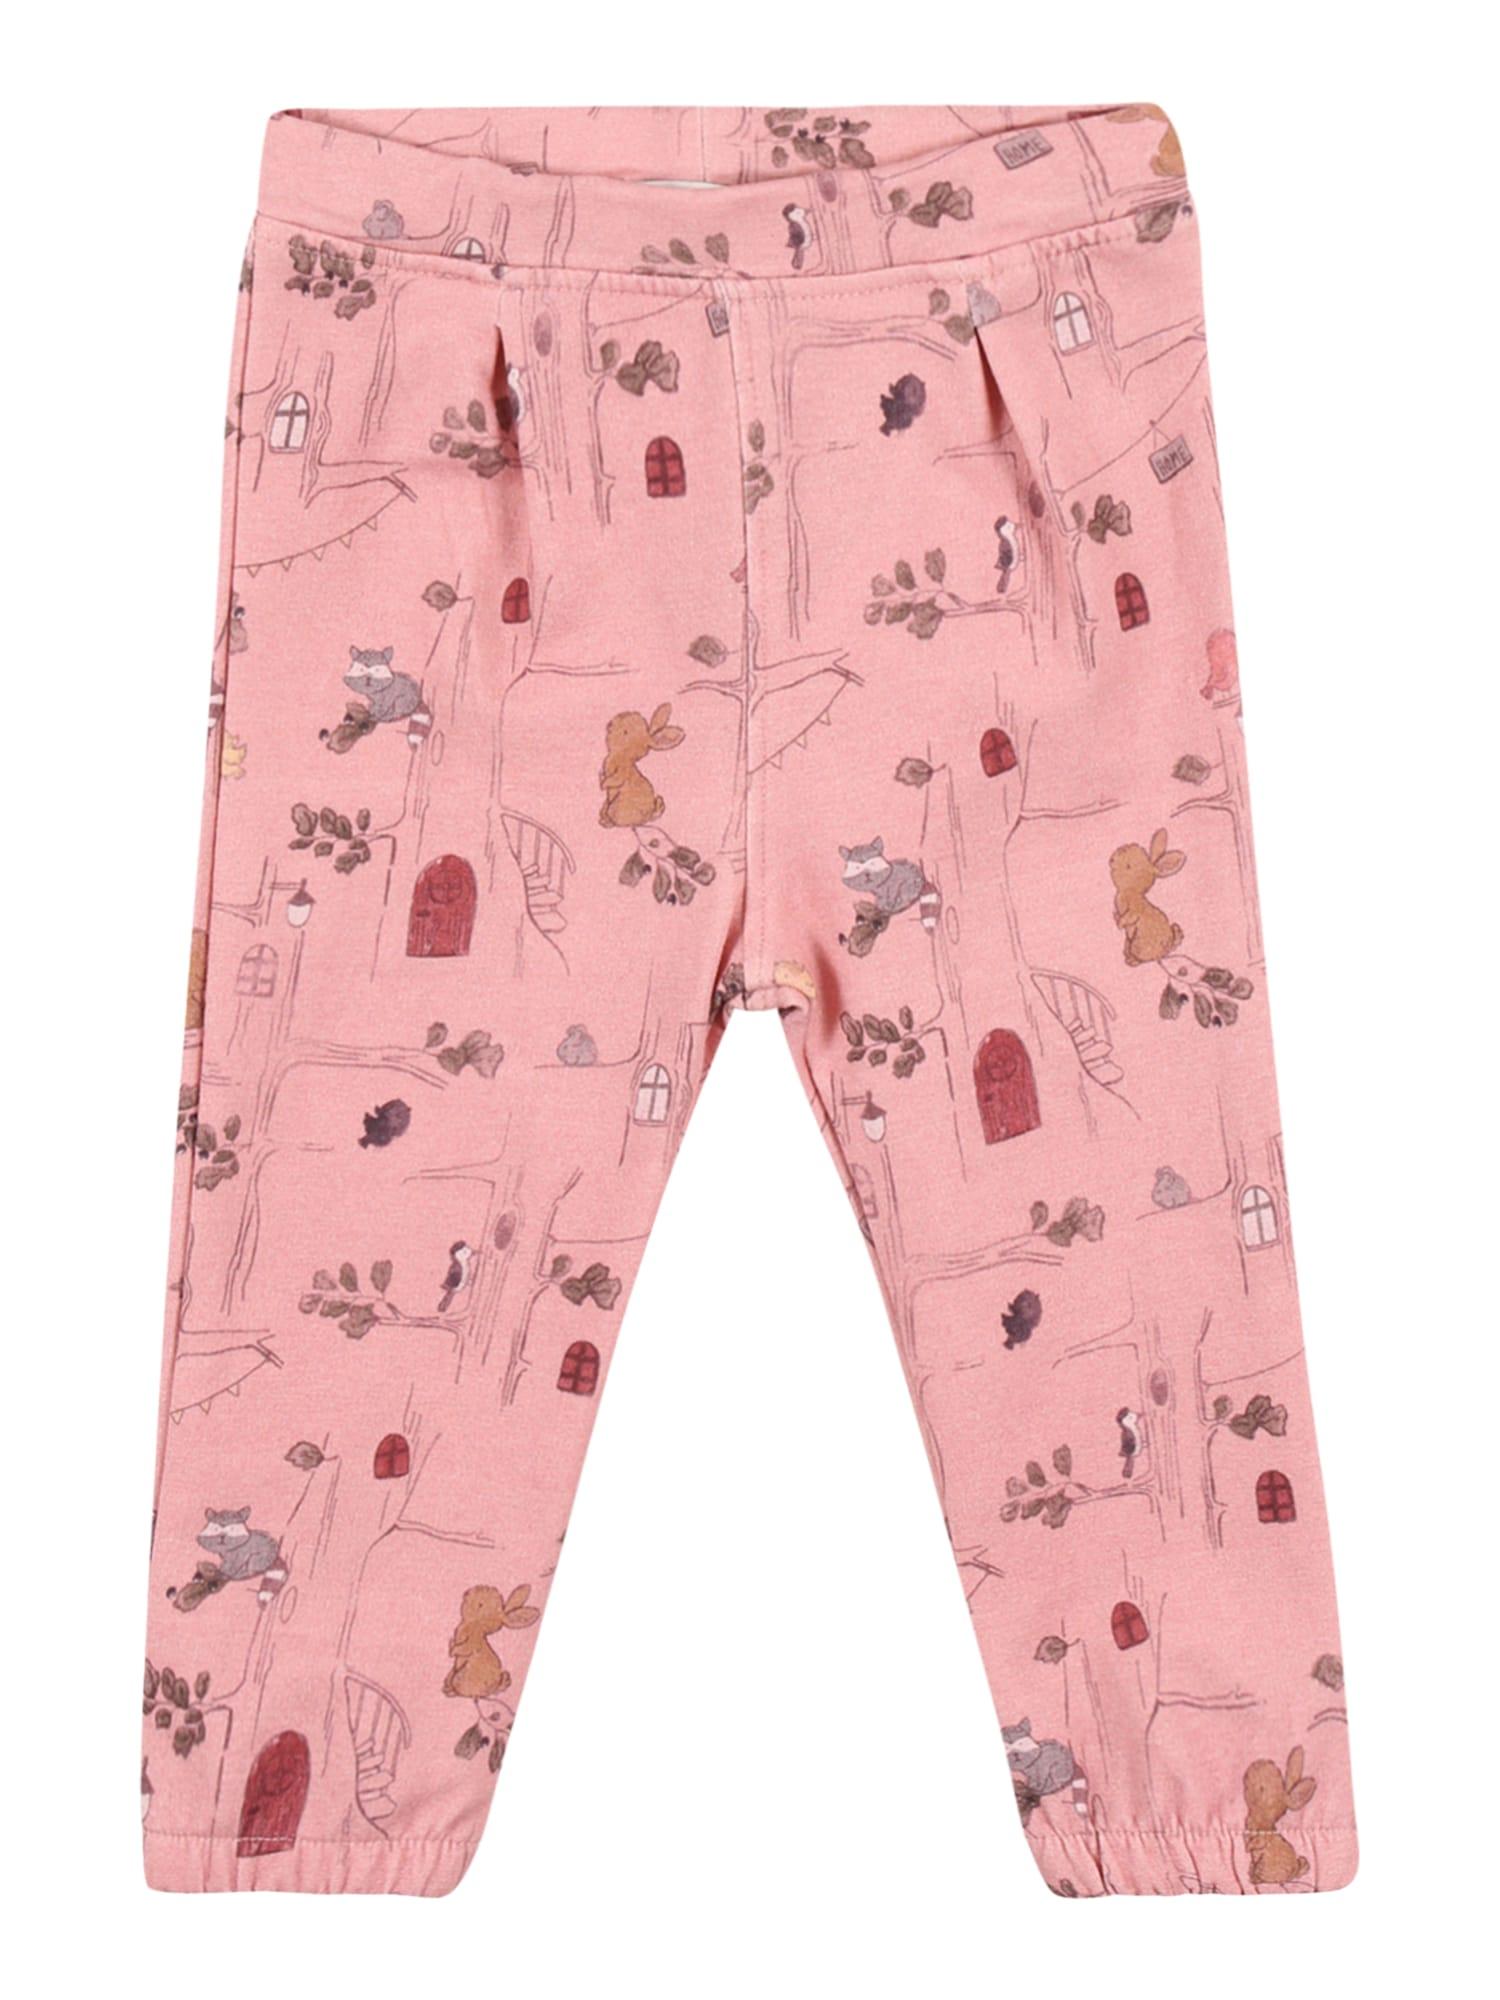 NAME IT Kelnės 'Sille' ryškiai rožinė spalva / mišrios spalvos